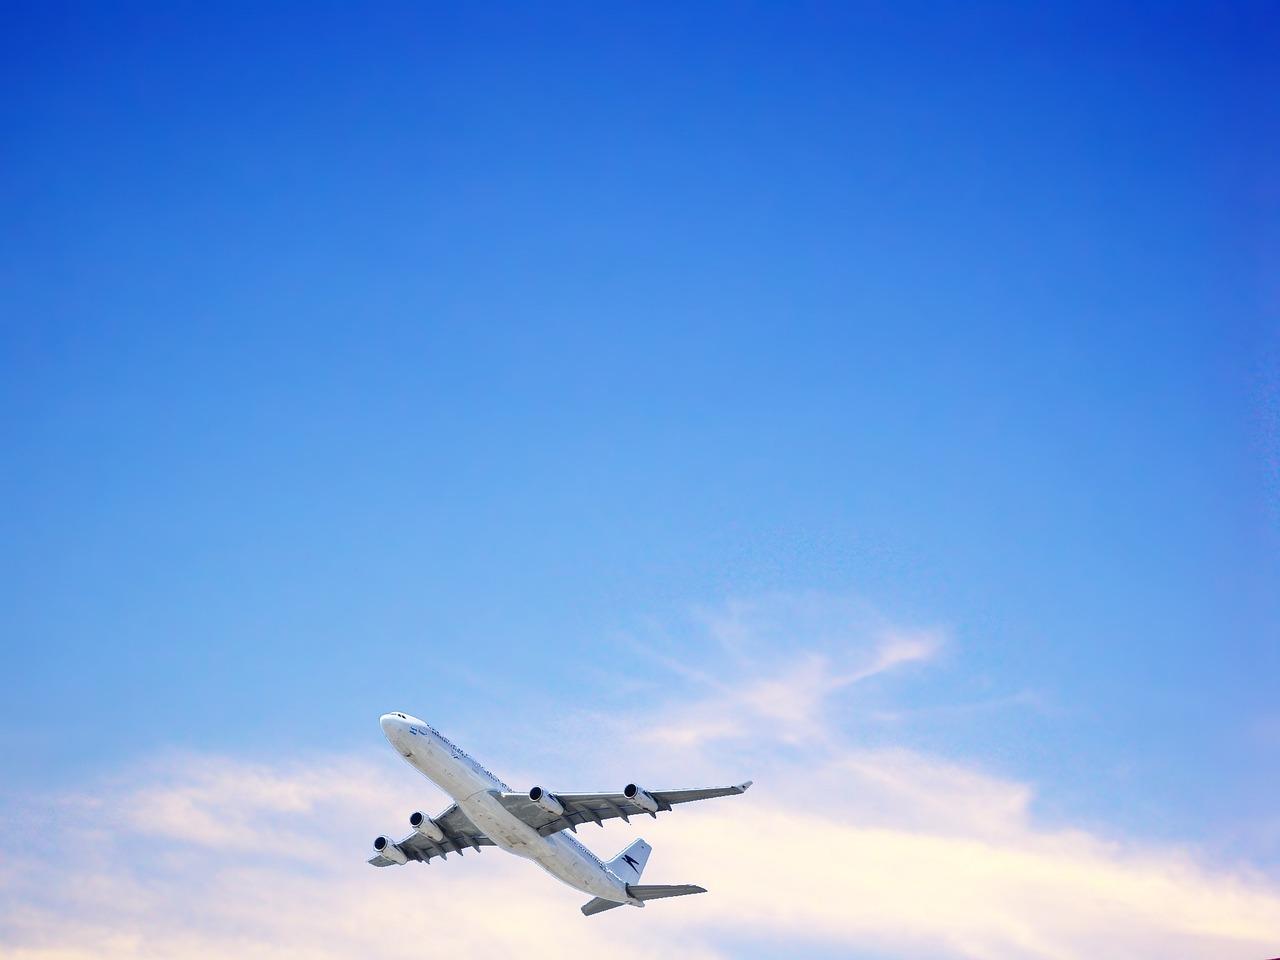 Месяцами, фон для открытки для мужчины с самолетами